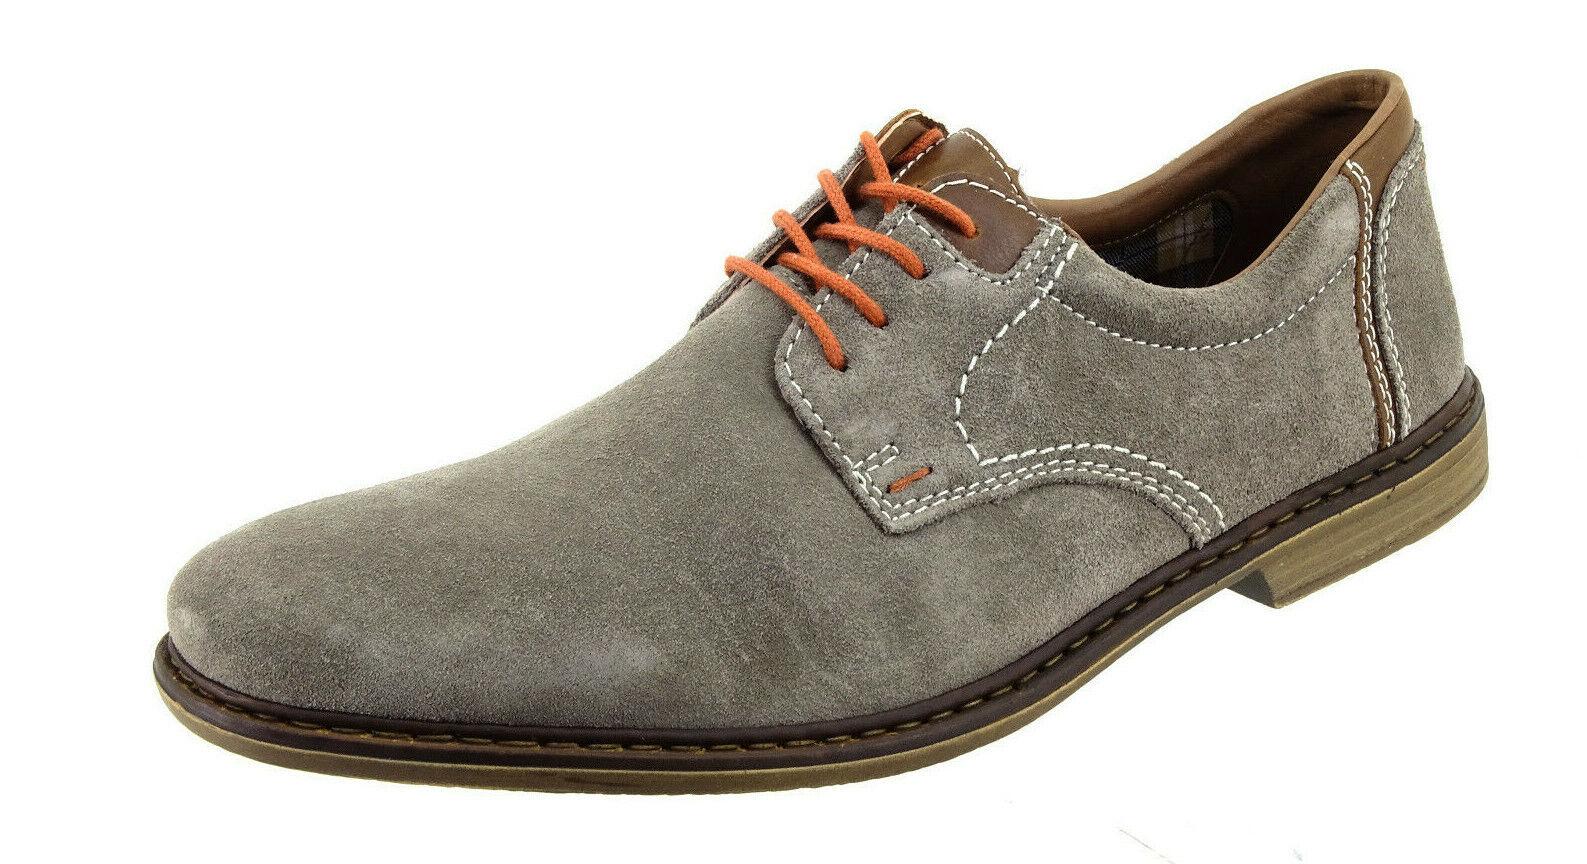 Rieker Leder Schuhe 45 Braun Kaum getragene Schnürschuhe